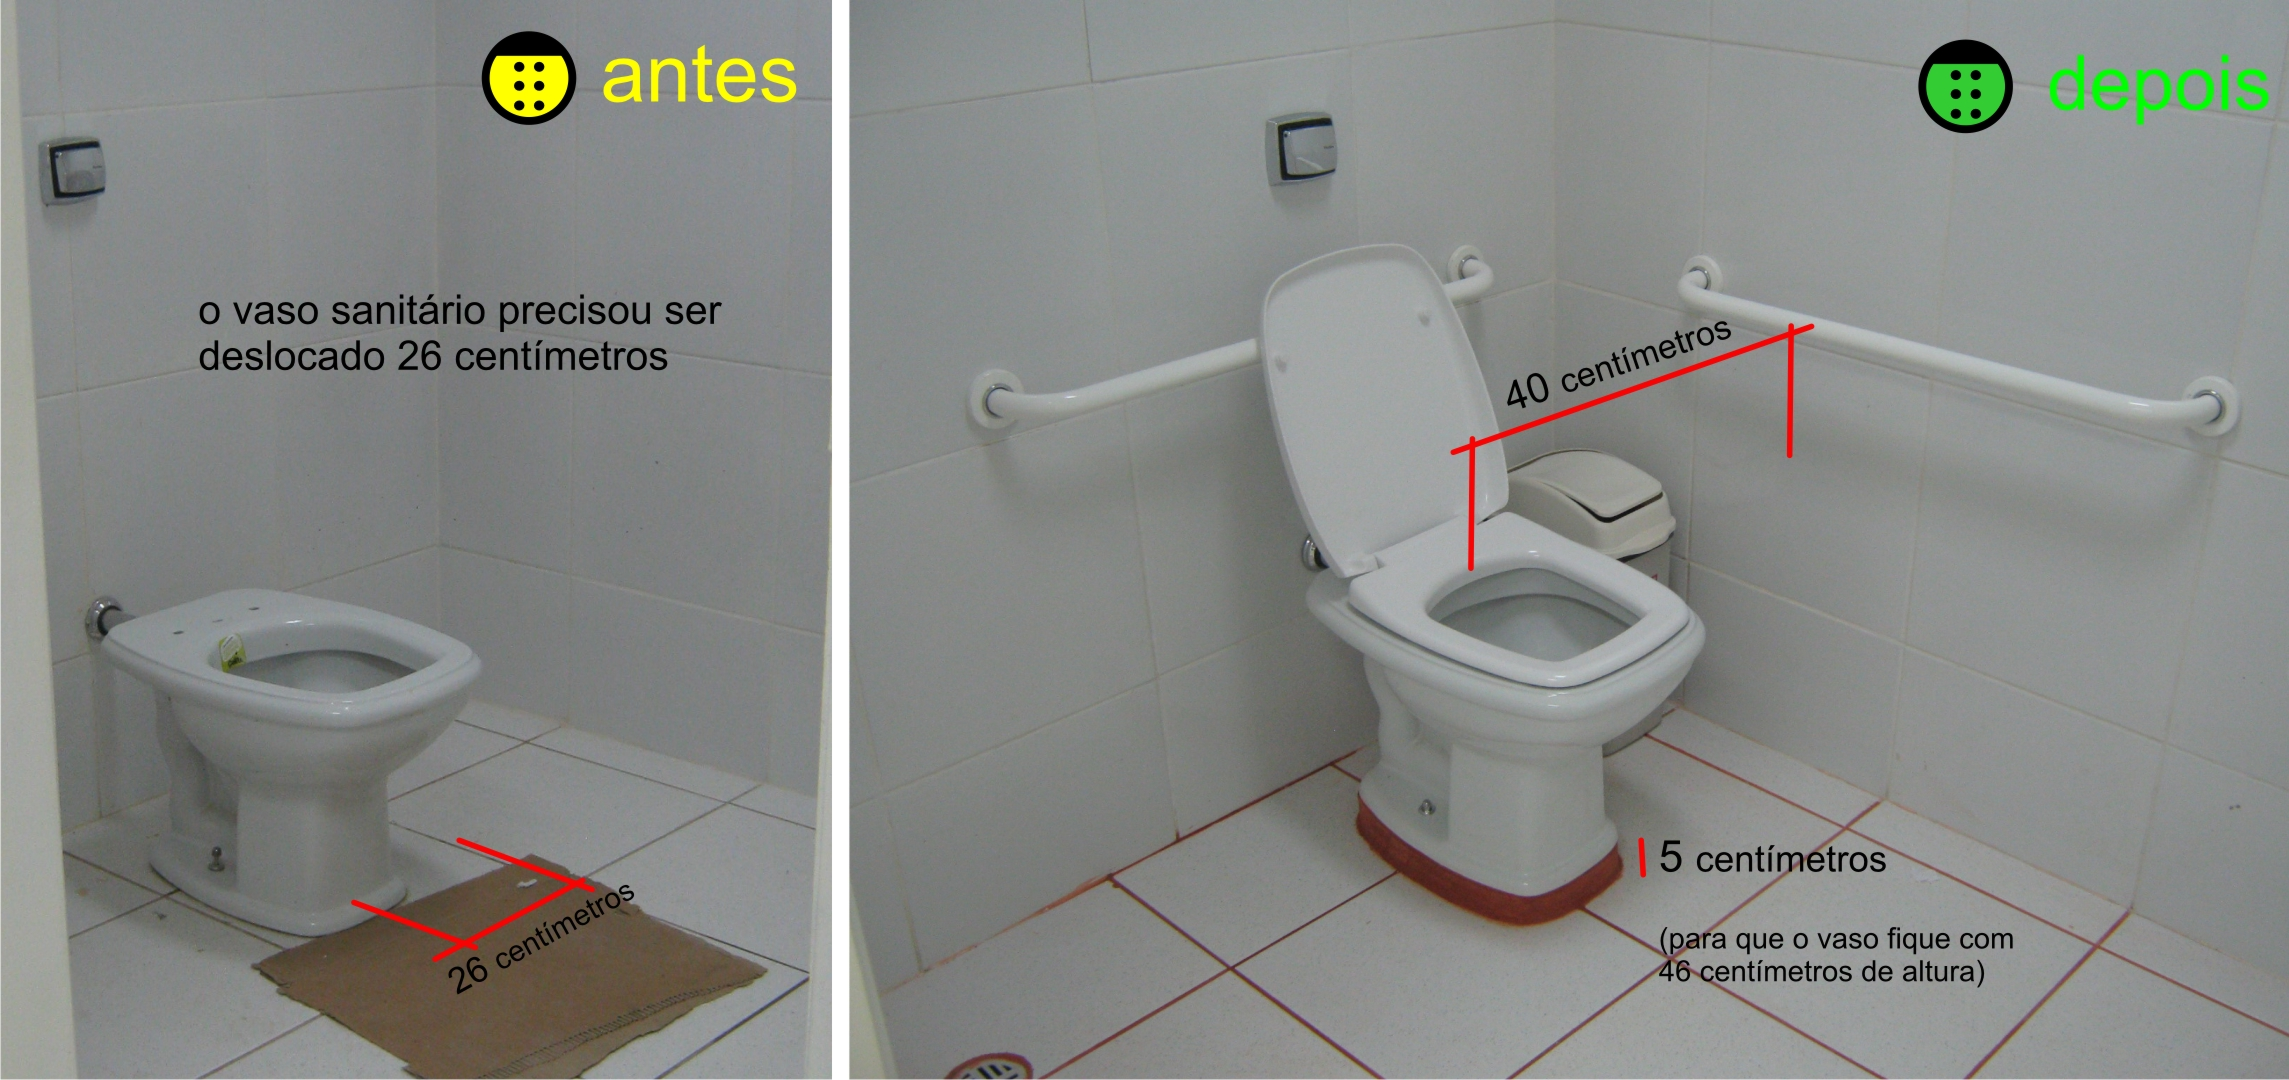 vaso sanitário antes e depois depois em posição e altura adequada #B2B318 2289 1080